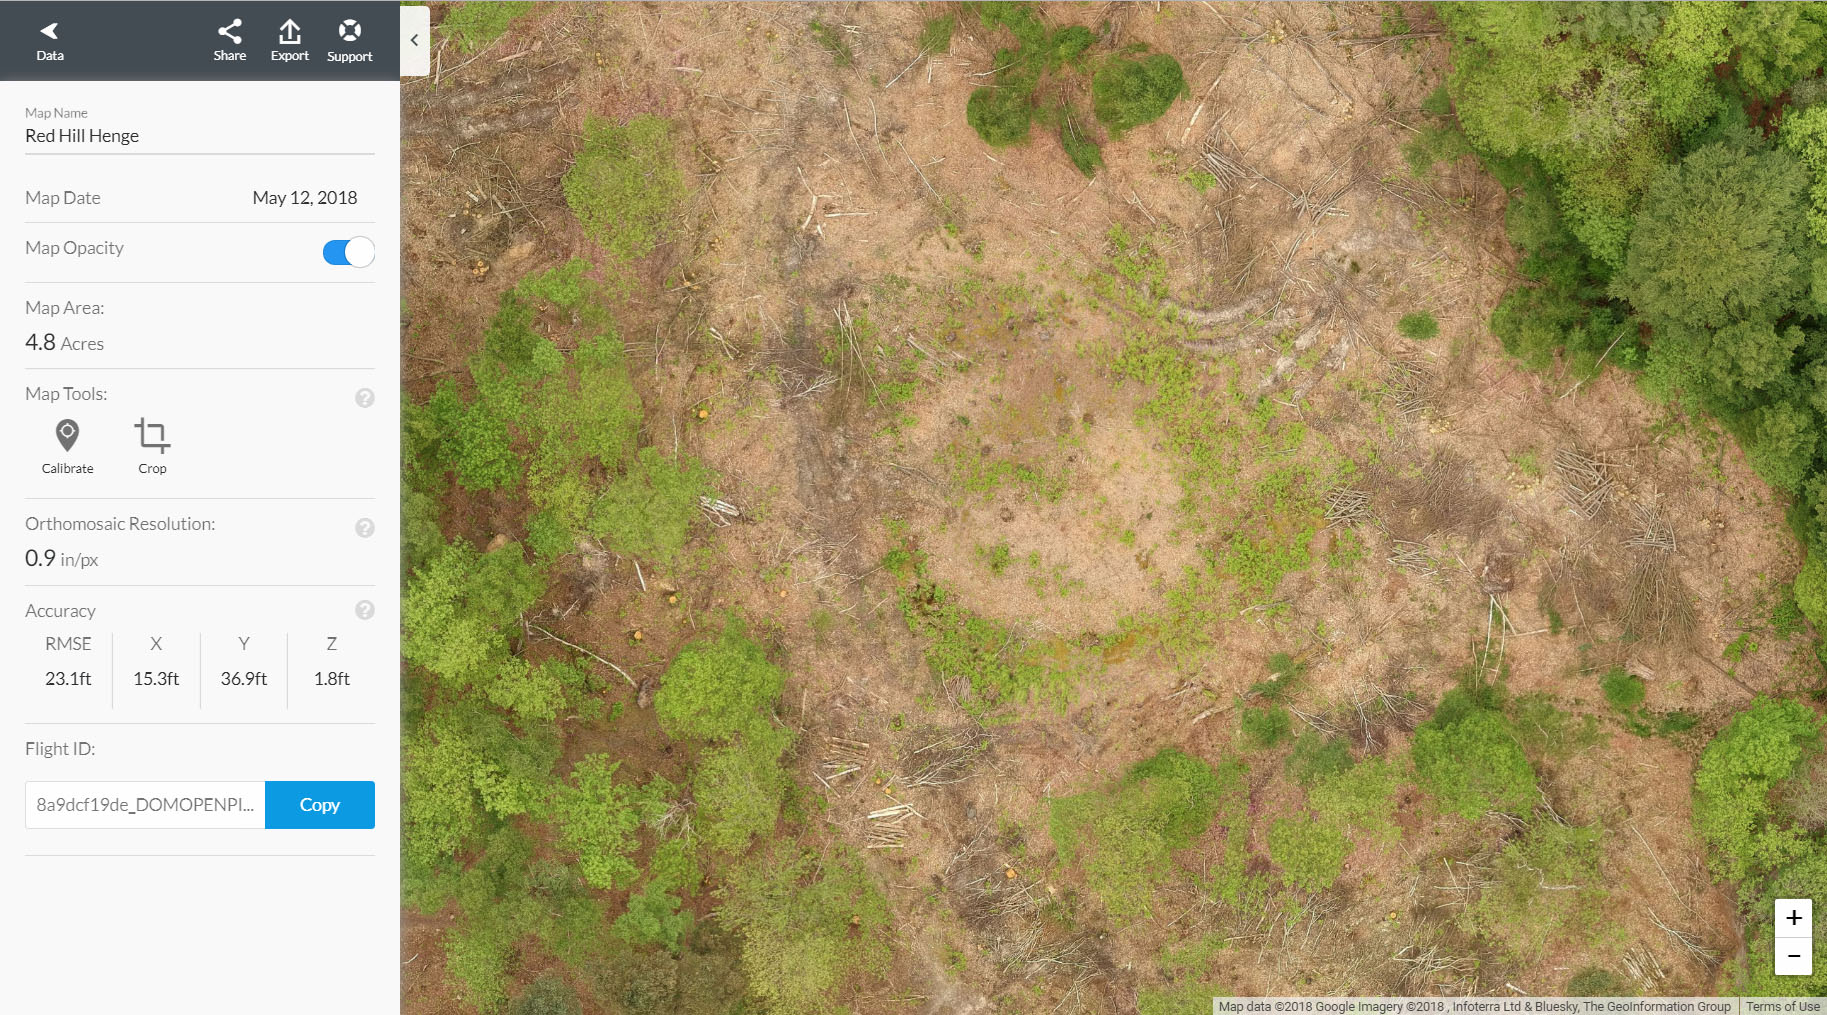 Orthomosaic map imagery